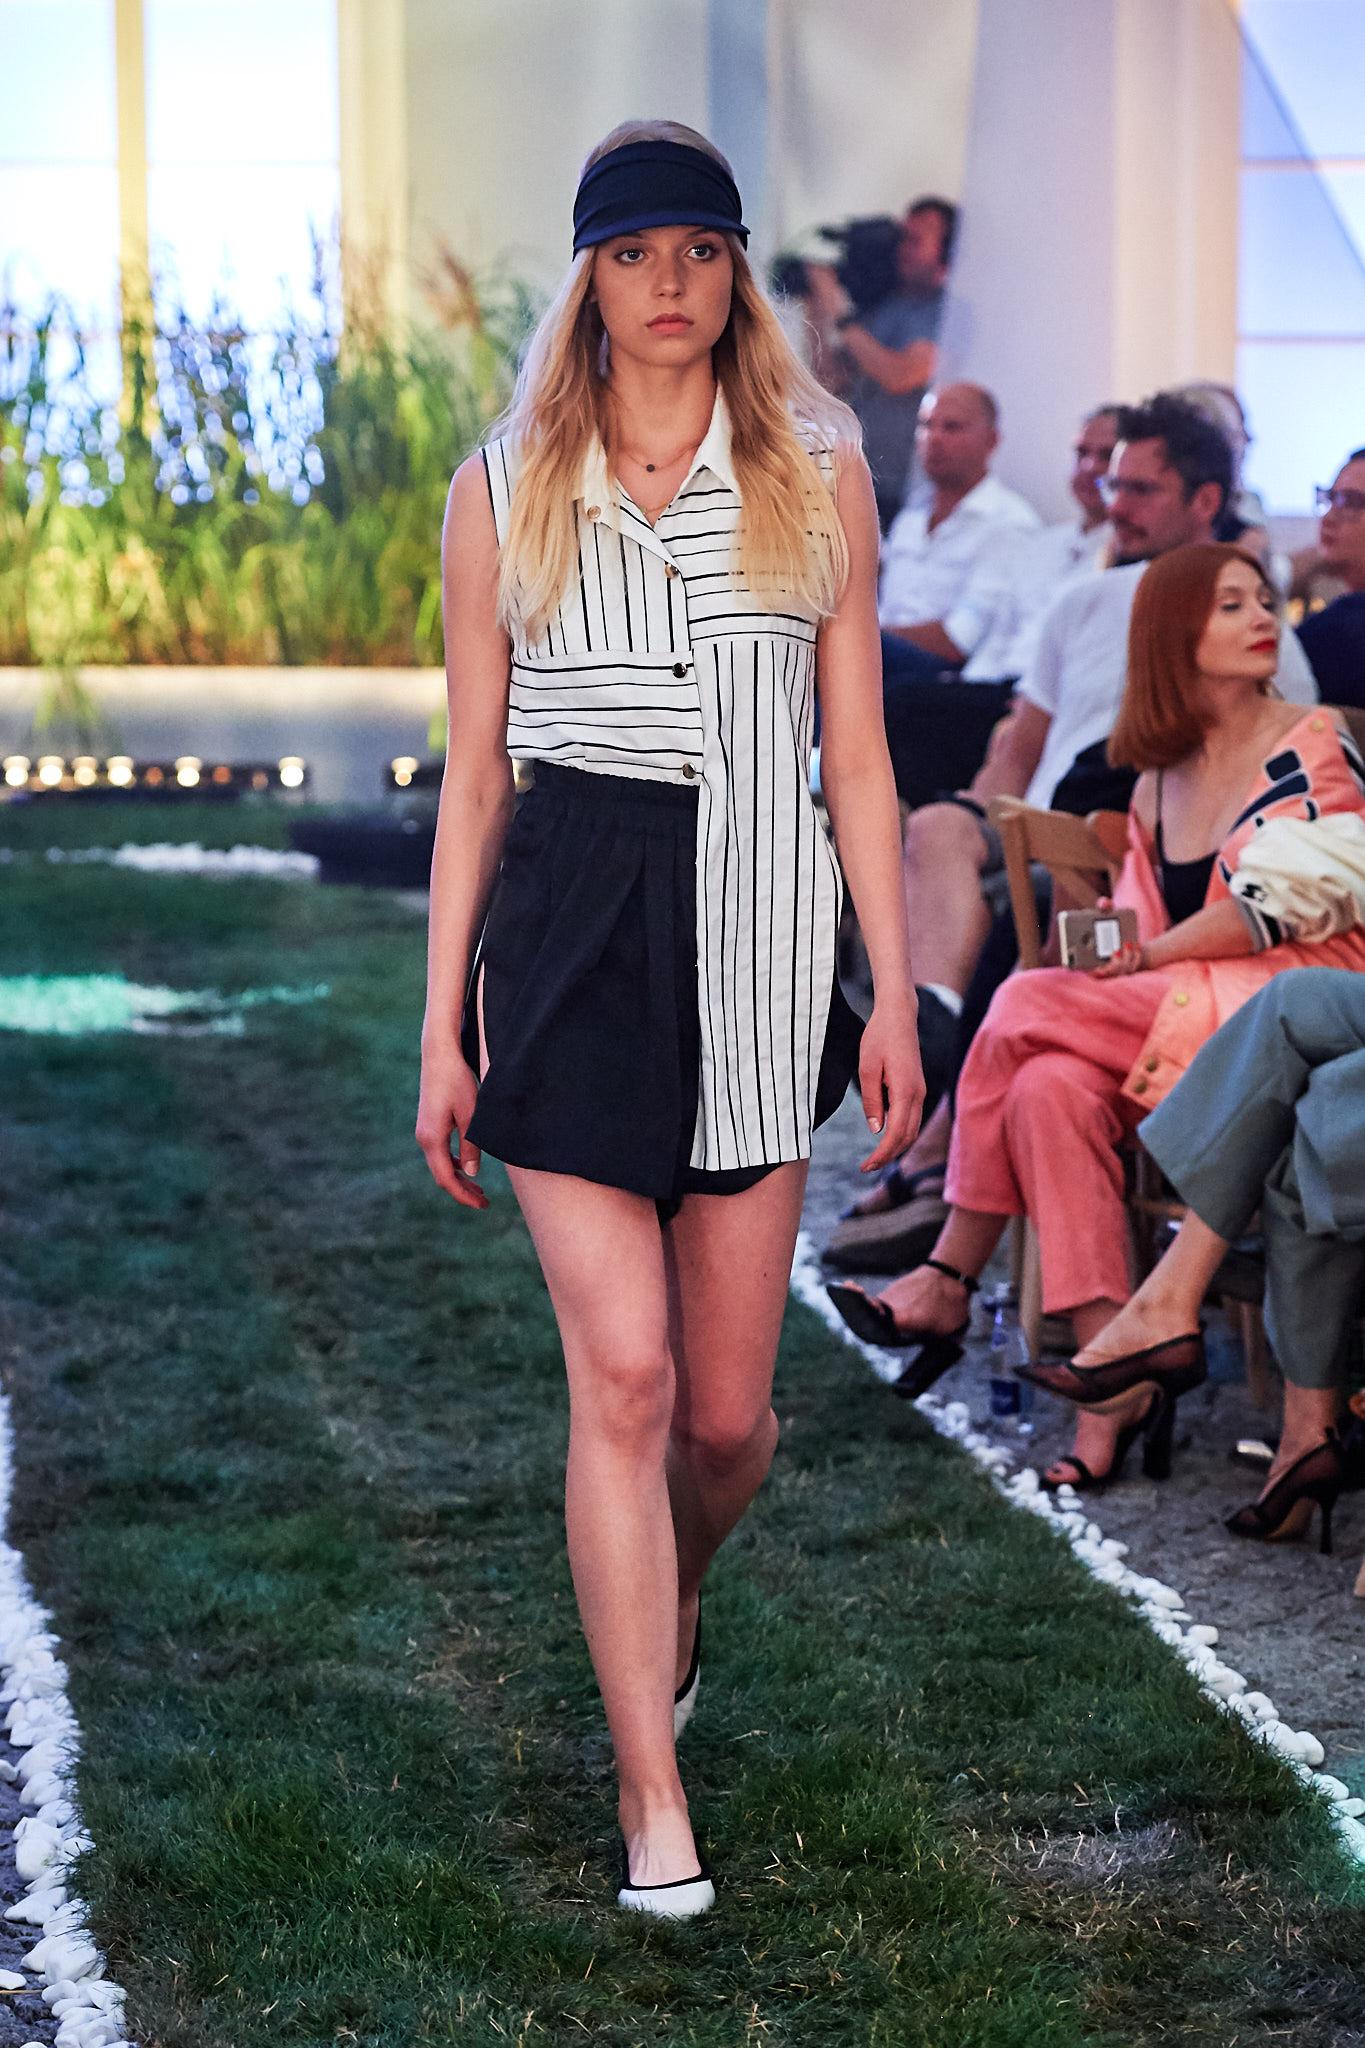 18_MMC-010719-lowres-fotFilipOkopny-FashionImages